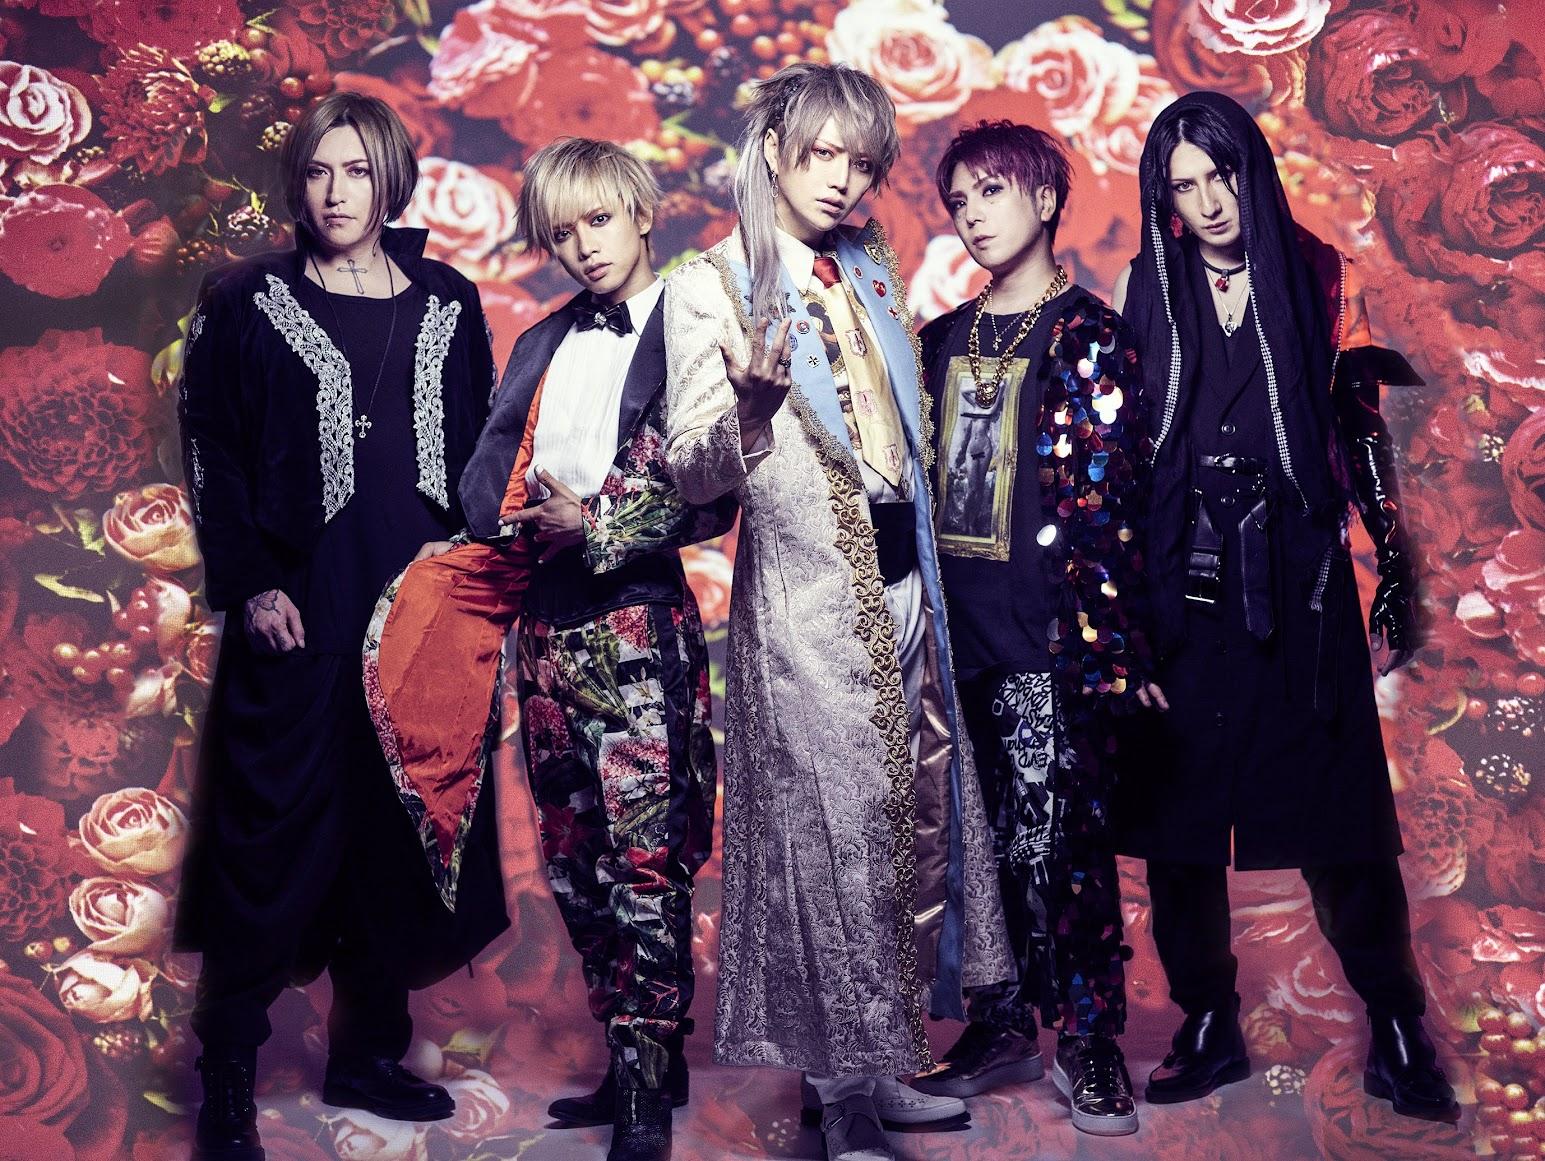 [迷迷演唱會] 視覺系樂團 A9 睽違三年亞巡再起 明年1月台北、台中會粉絲